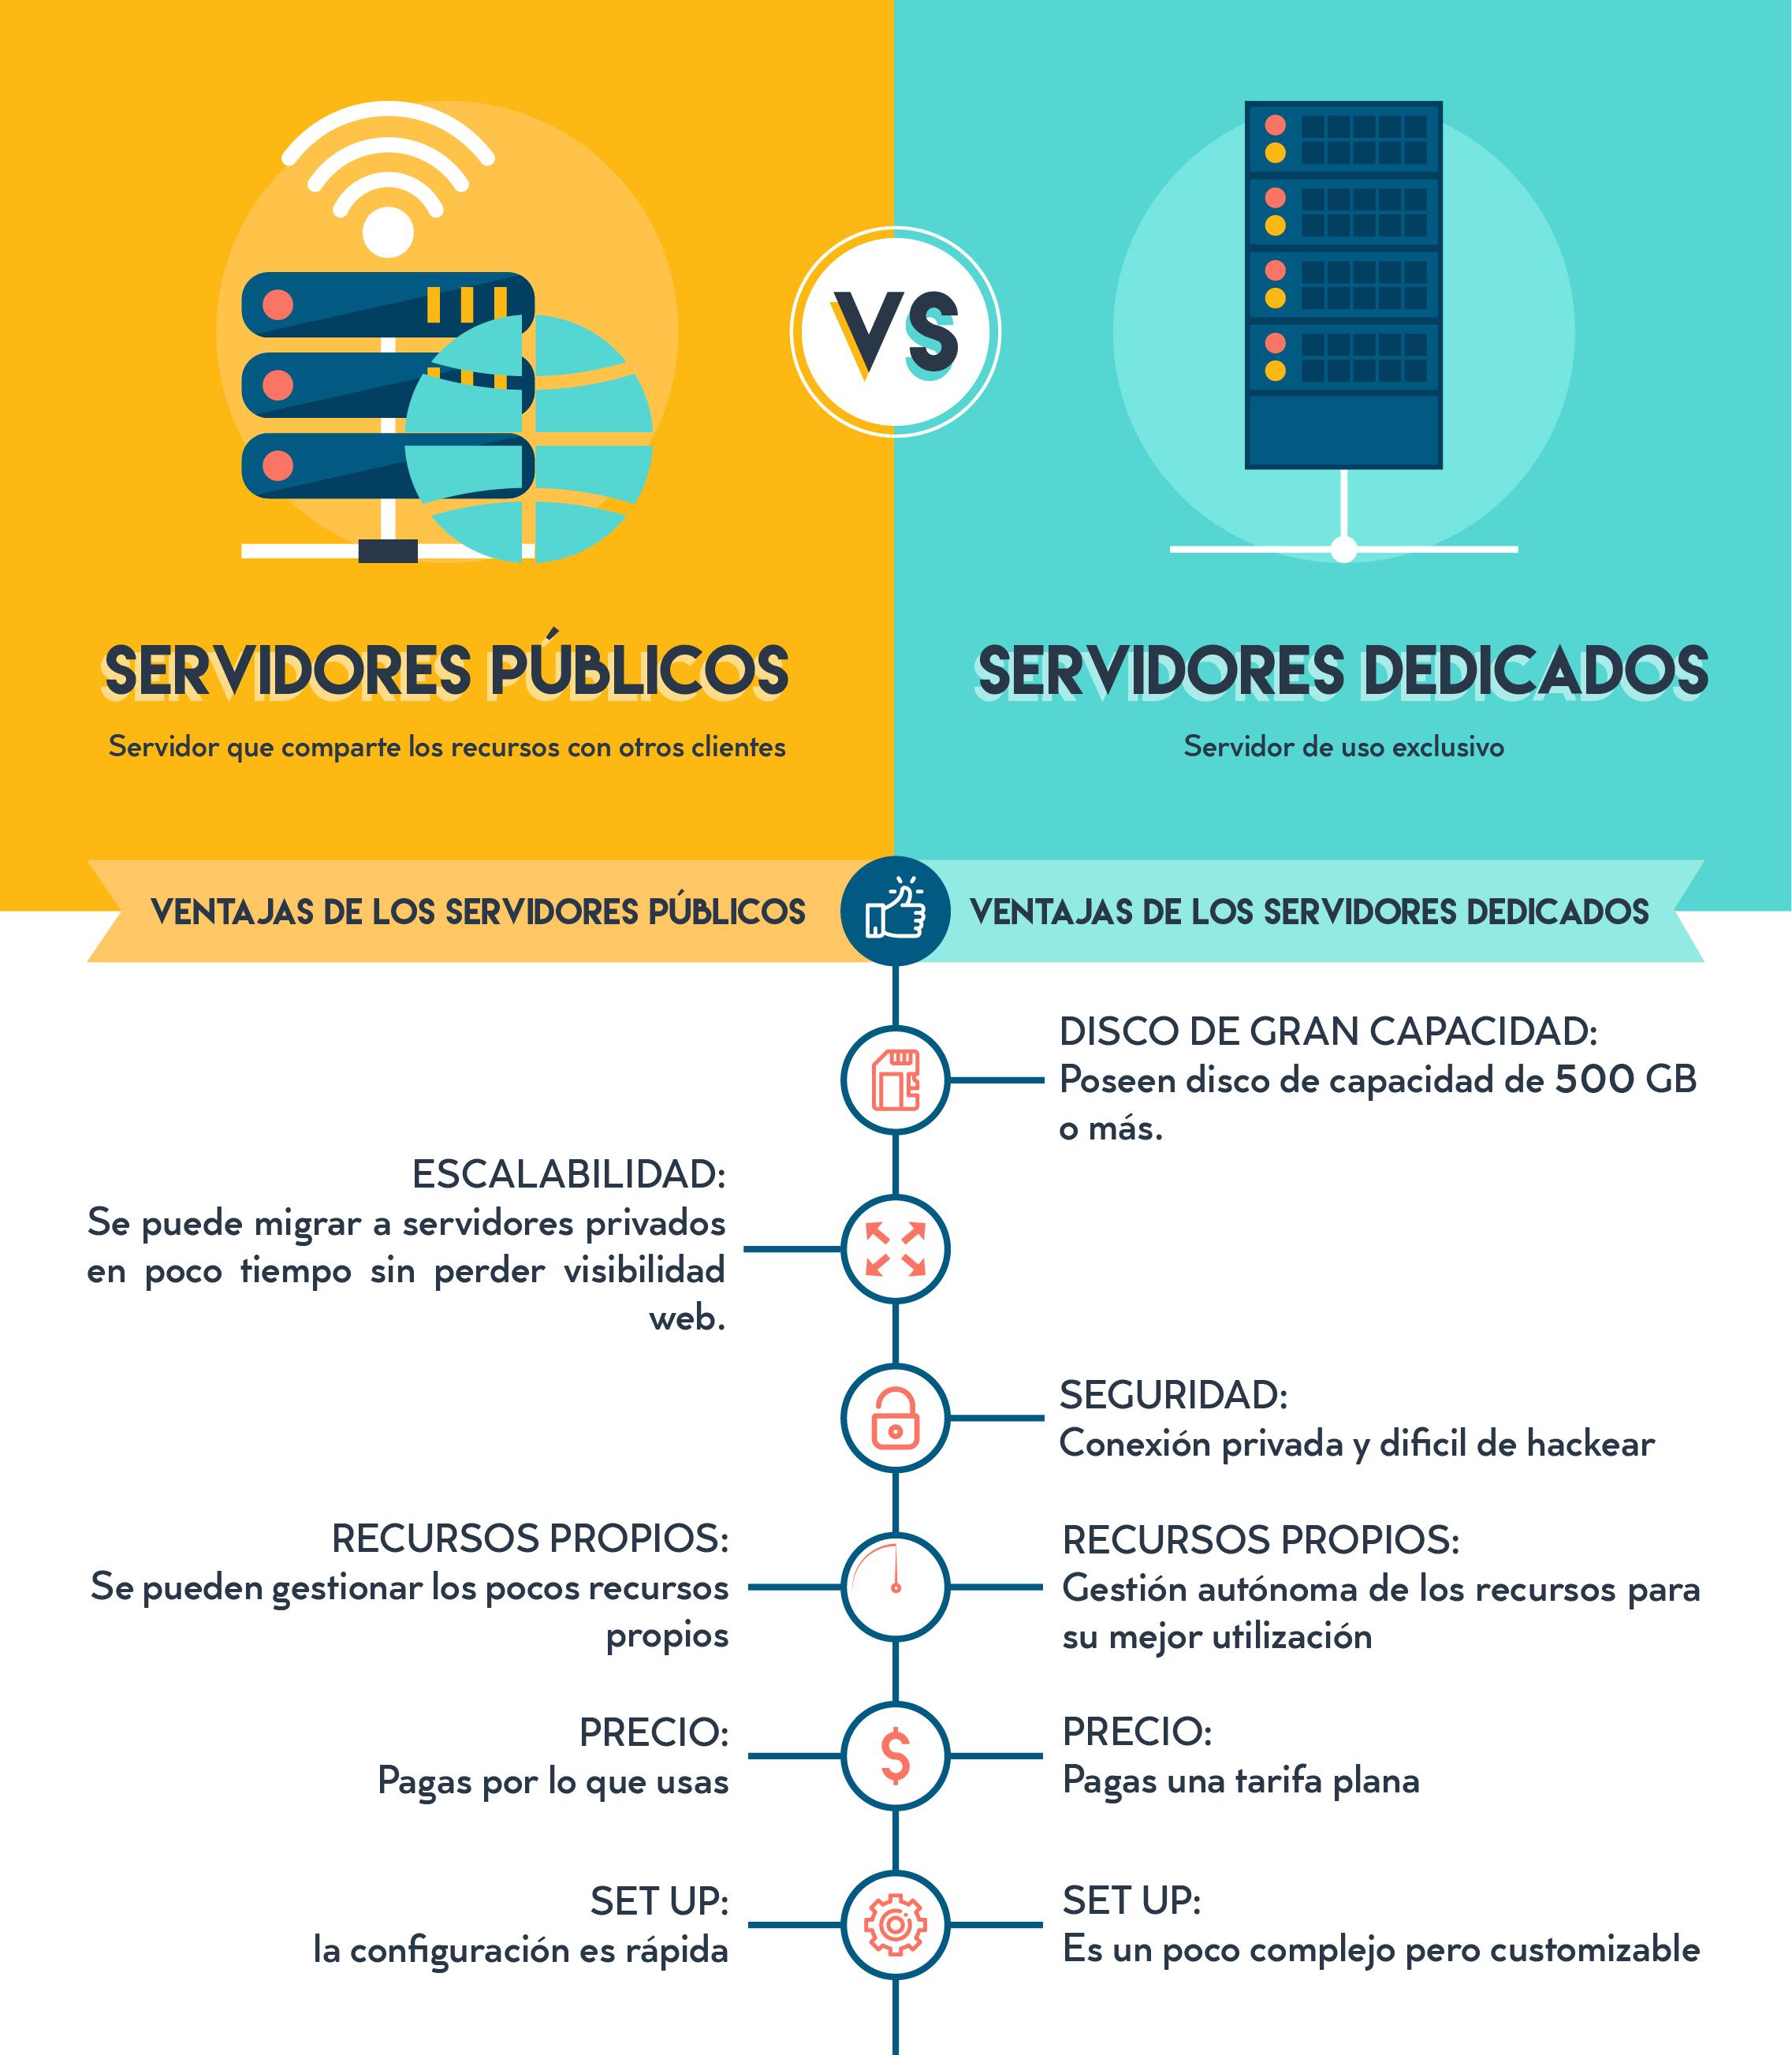 Diferencia entre servidores públicos y dedicados